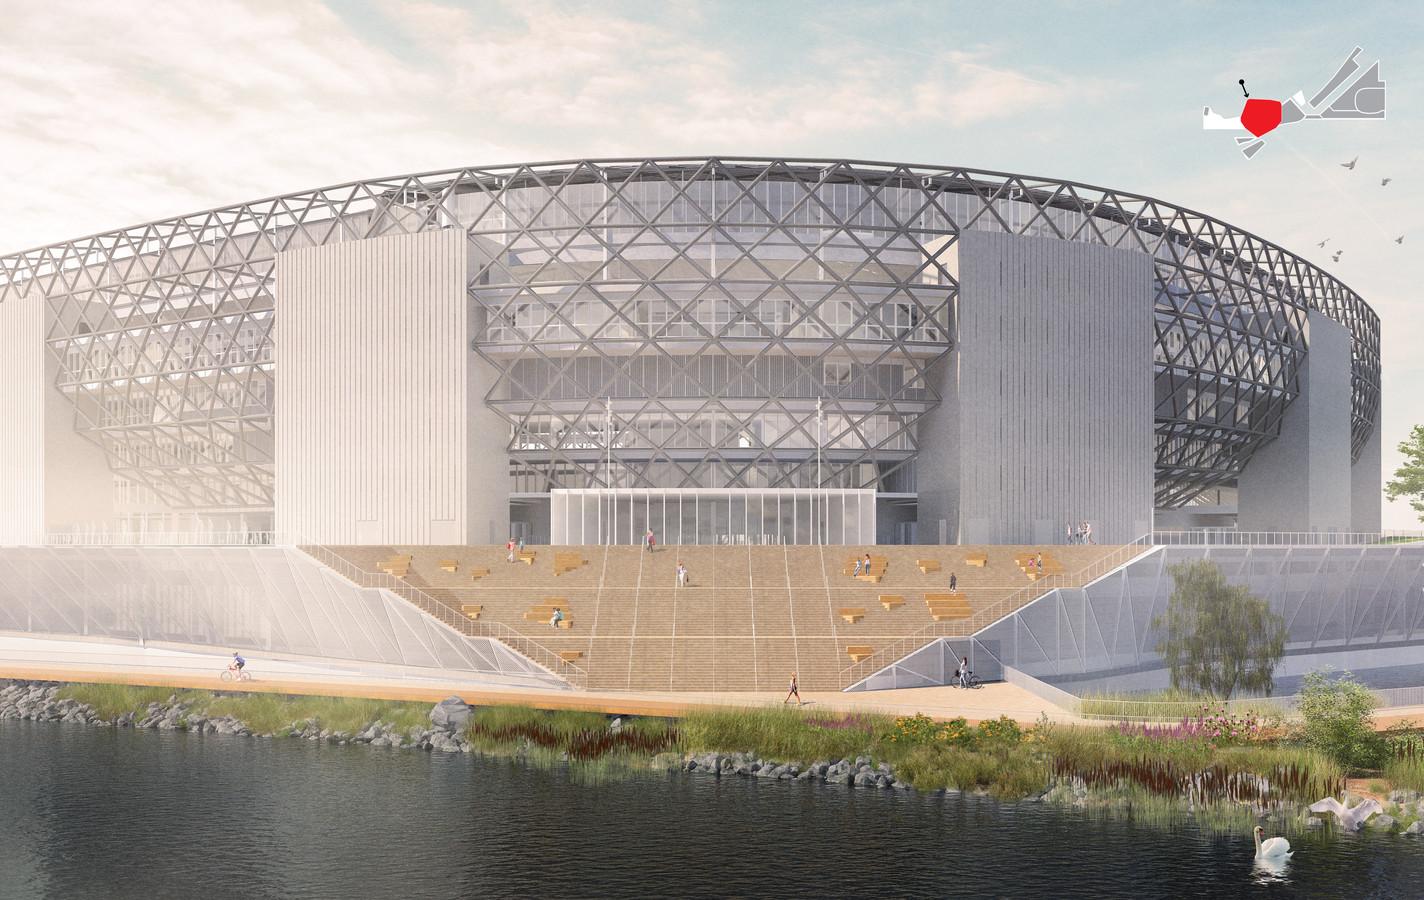 Nieuw stadion op de zuidoever van de Nieuwe Maas. Het complex staat voor eenderde in de rivier.